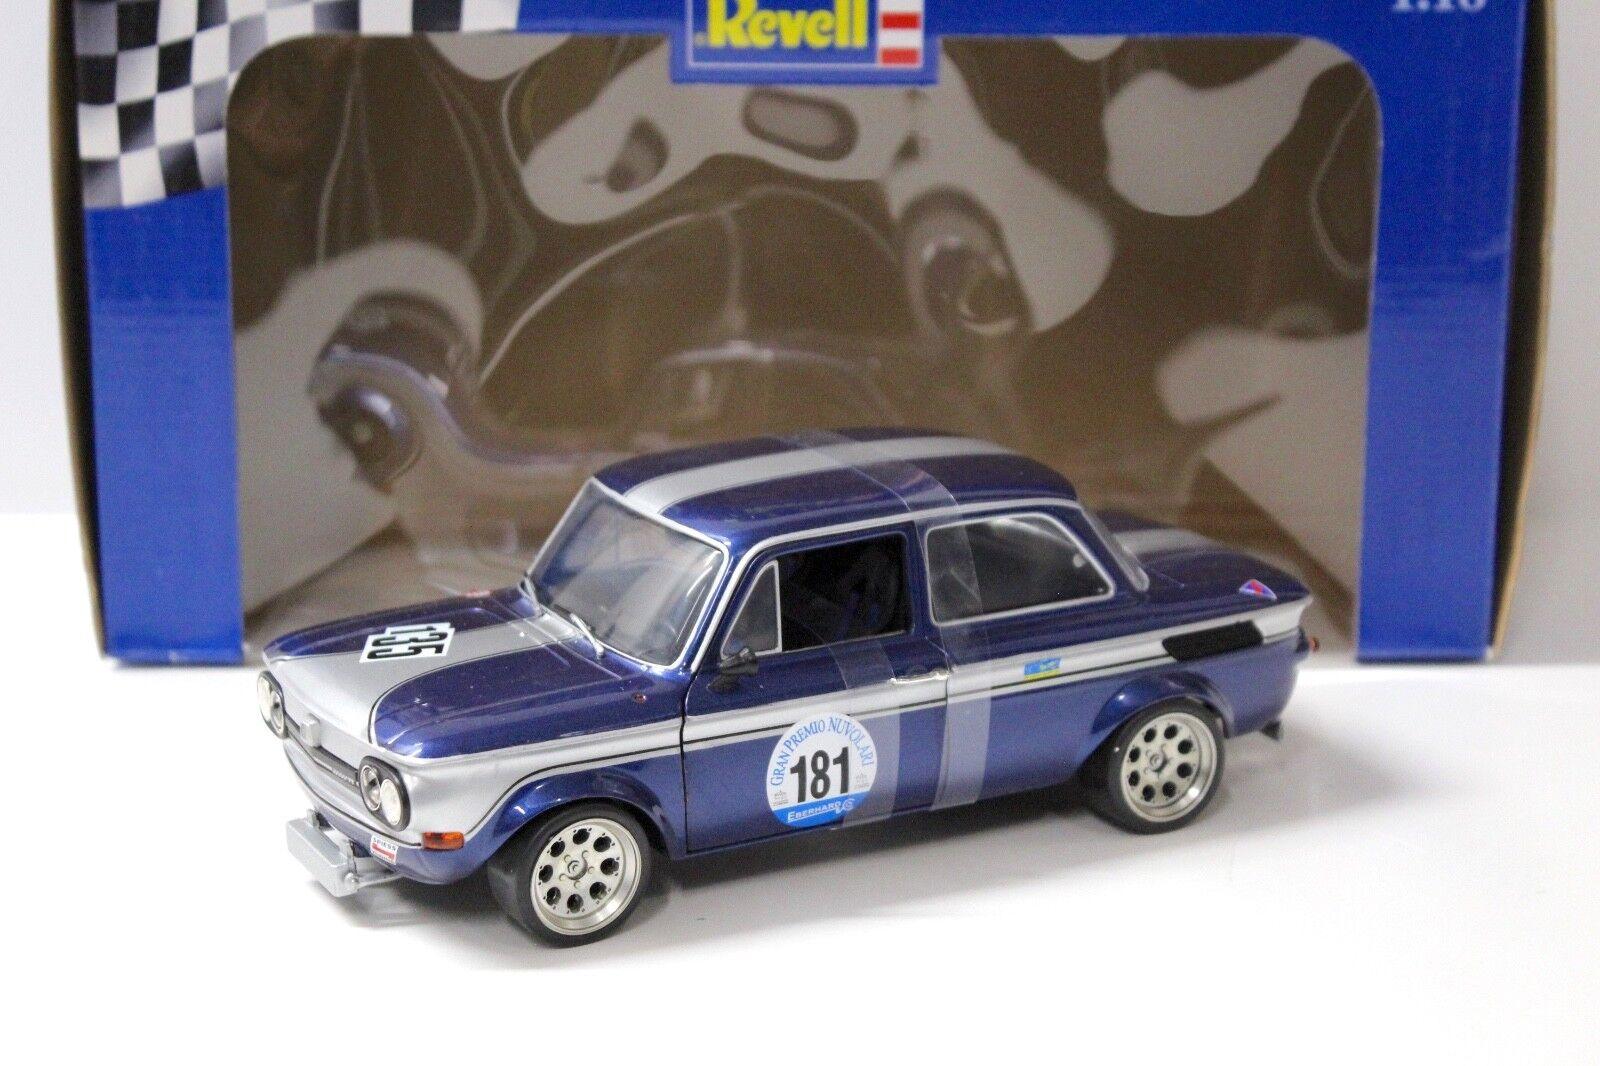 1 18 Revell NSU TT Cup blu;181 Gran Premio NUVOLARI NUOVO in auto a modellololo Premium